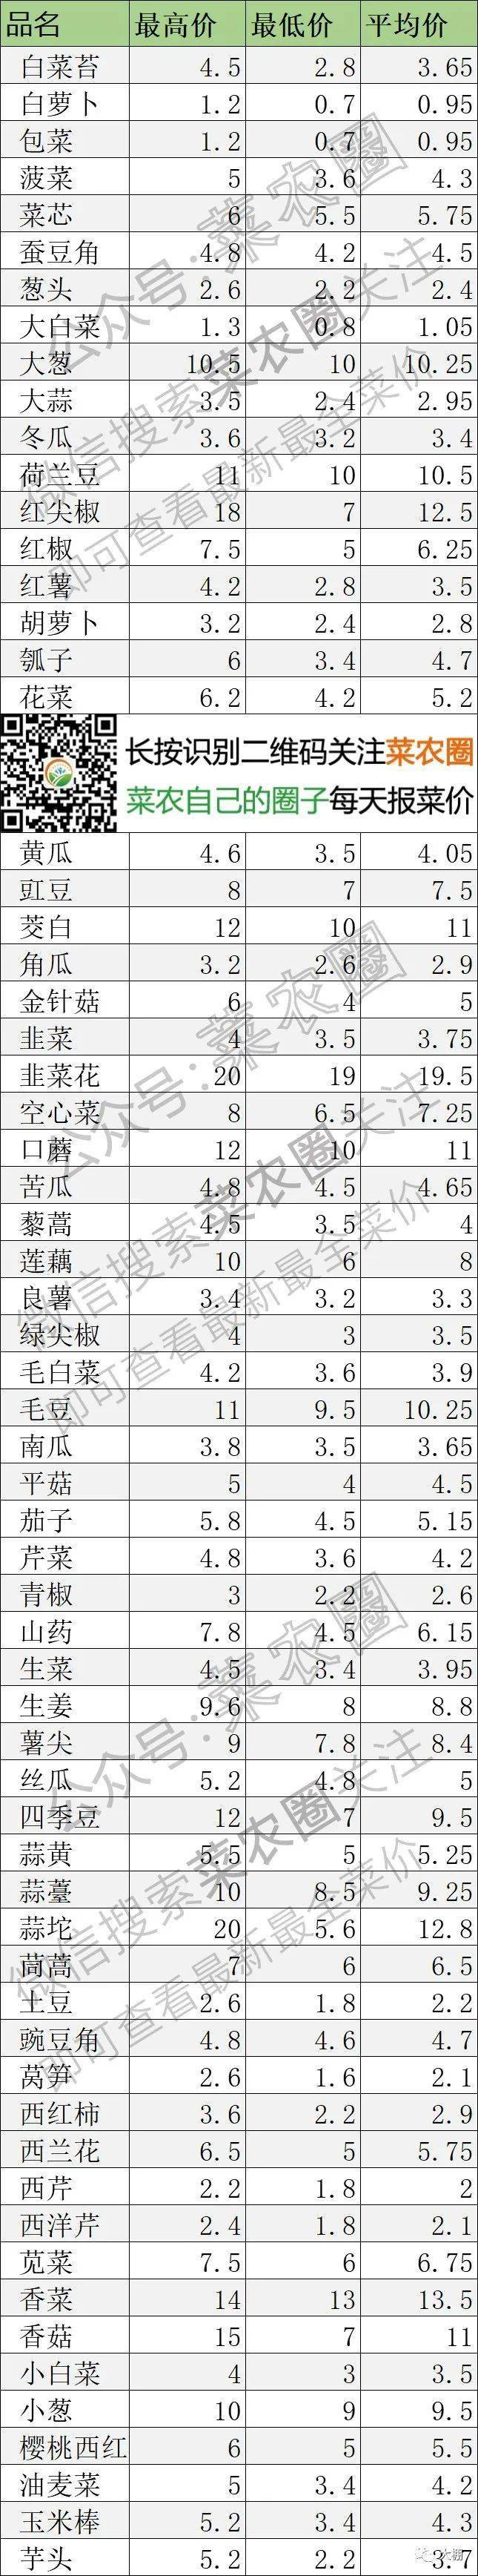 2021年4月2日北京新发地,山东寿光,云南,河北石家庄蔬菜价格行情一览表